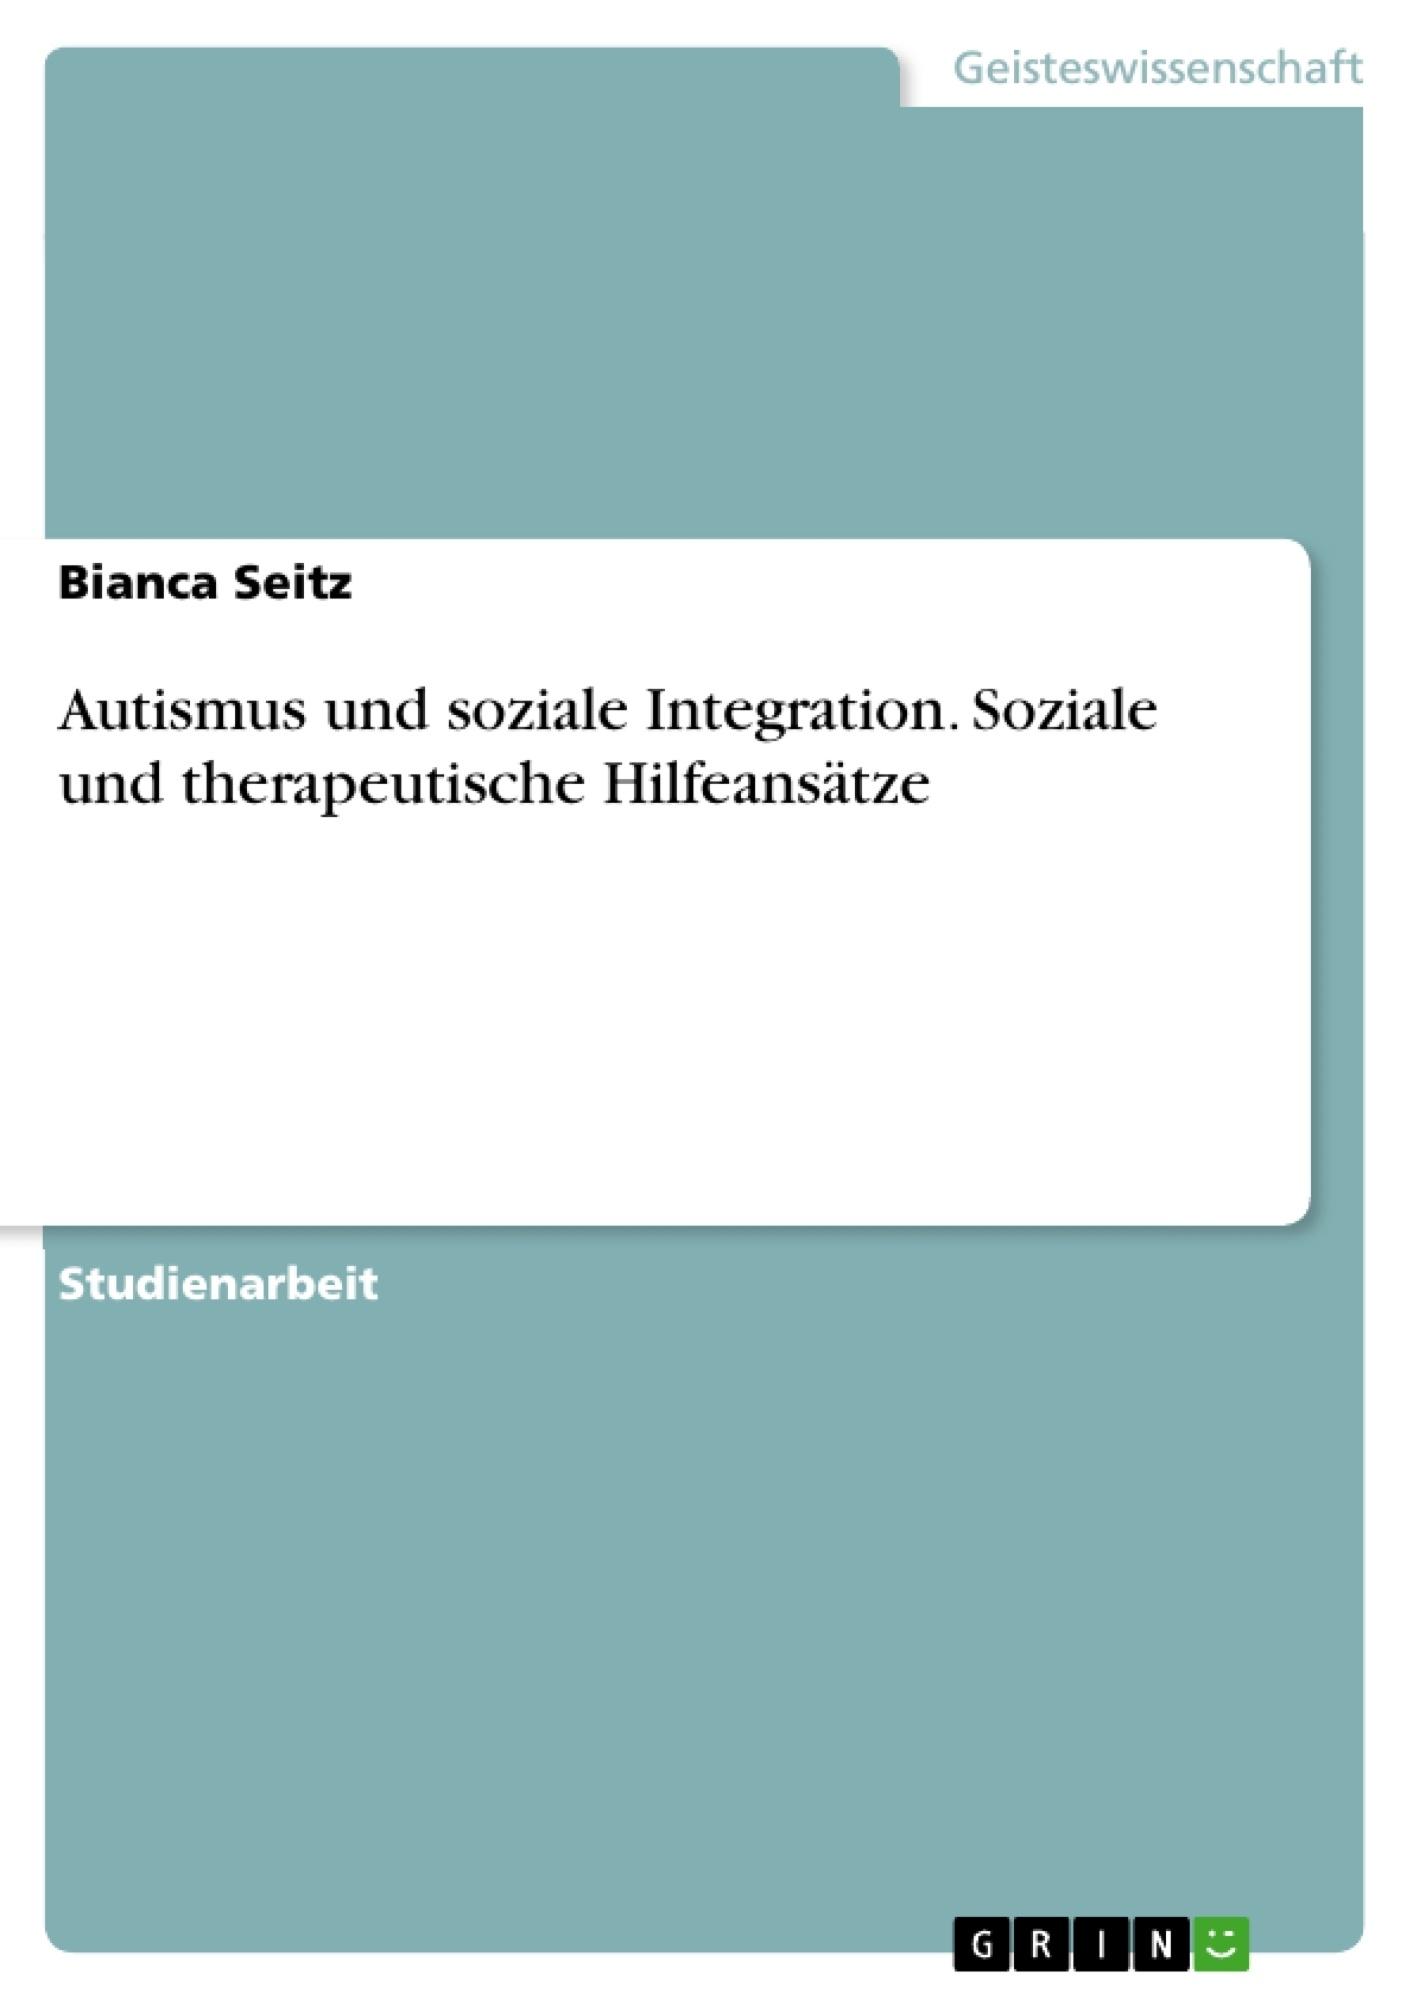 Titel: Autismus und soziale Integration. Soziale und therapeutische Hilfeansätze